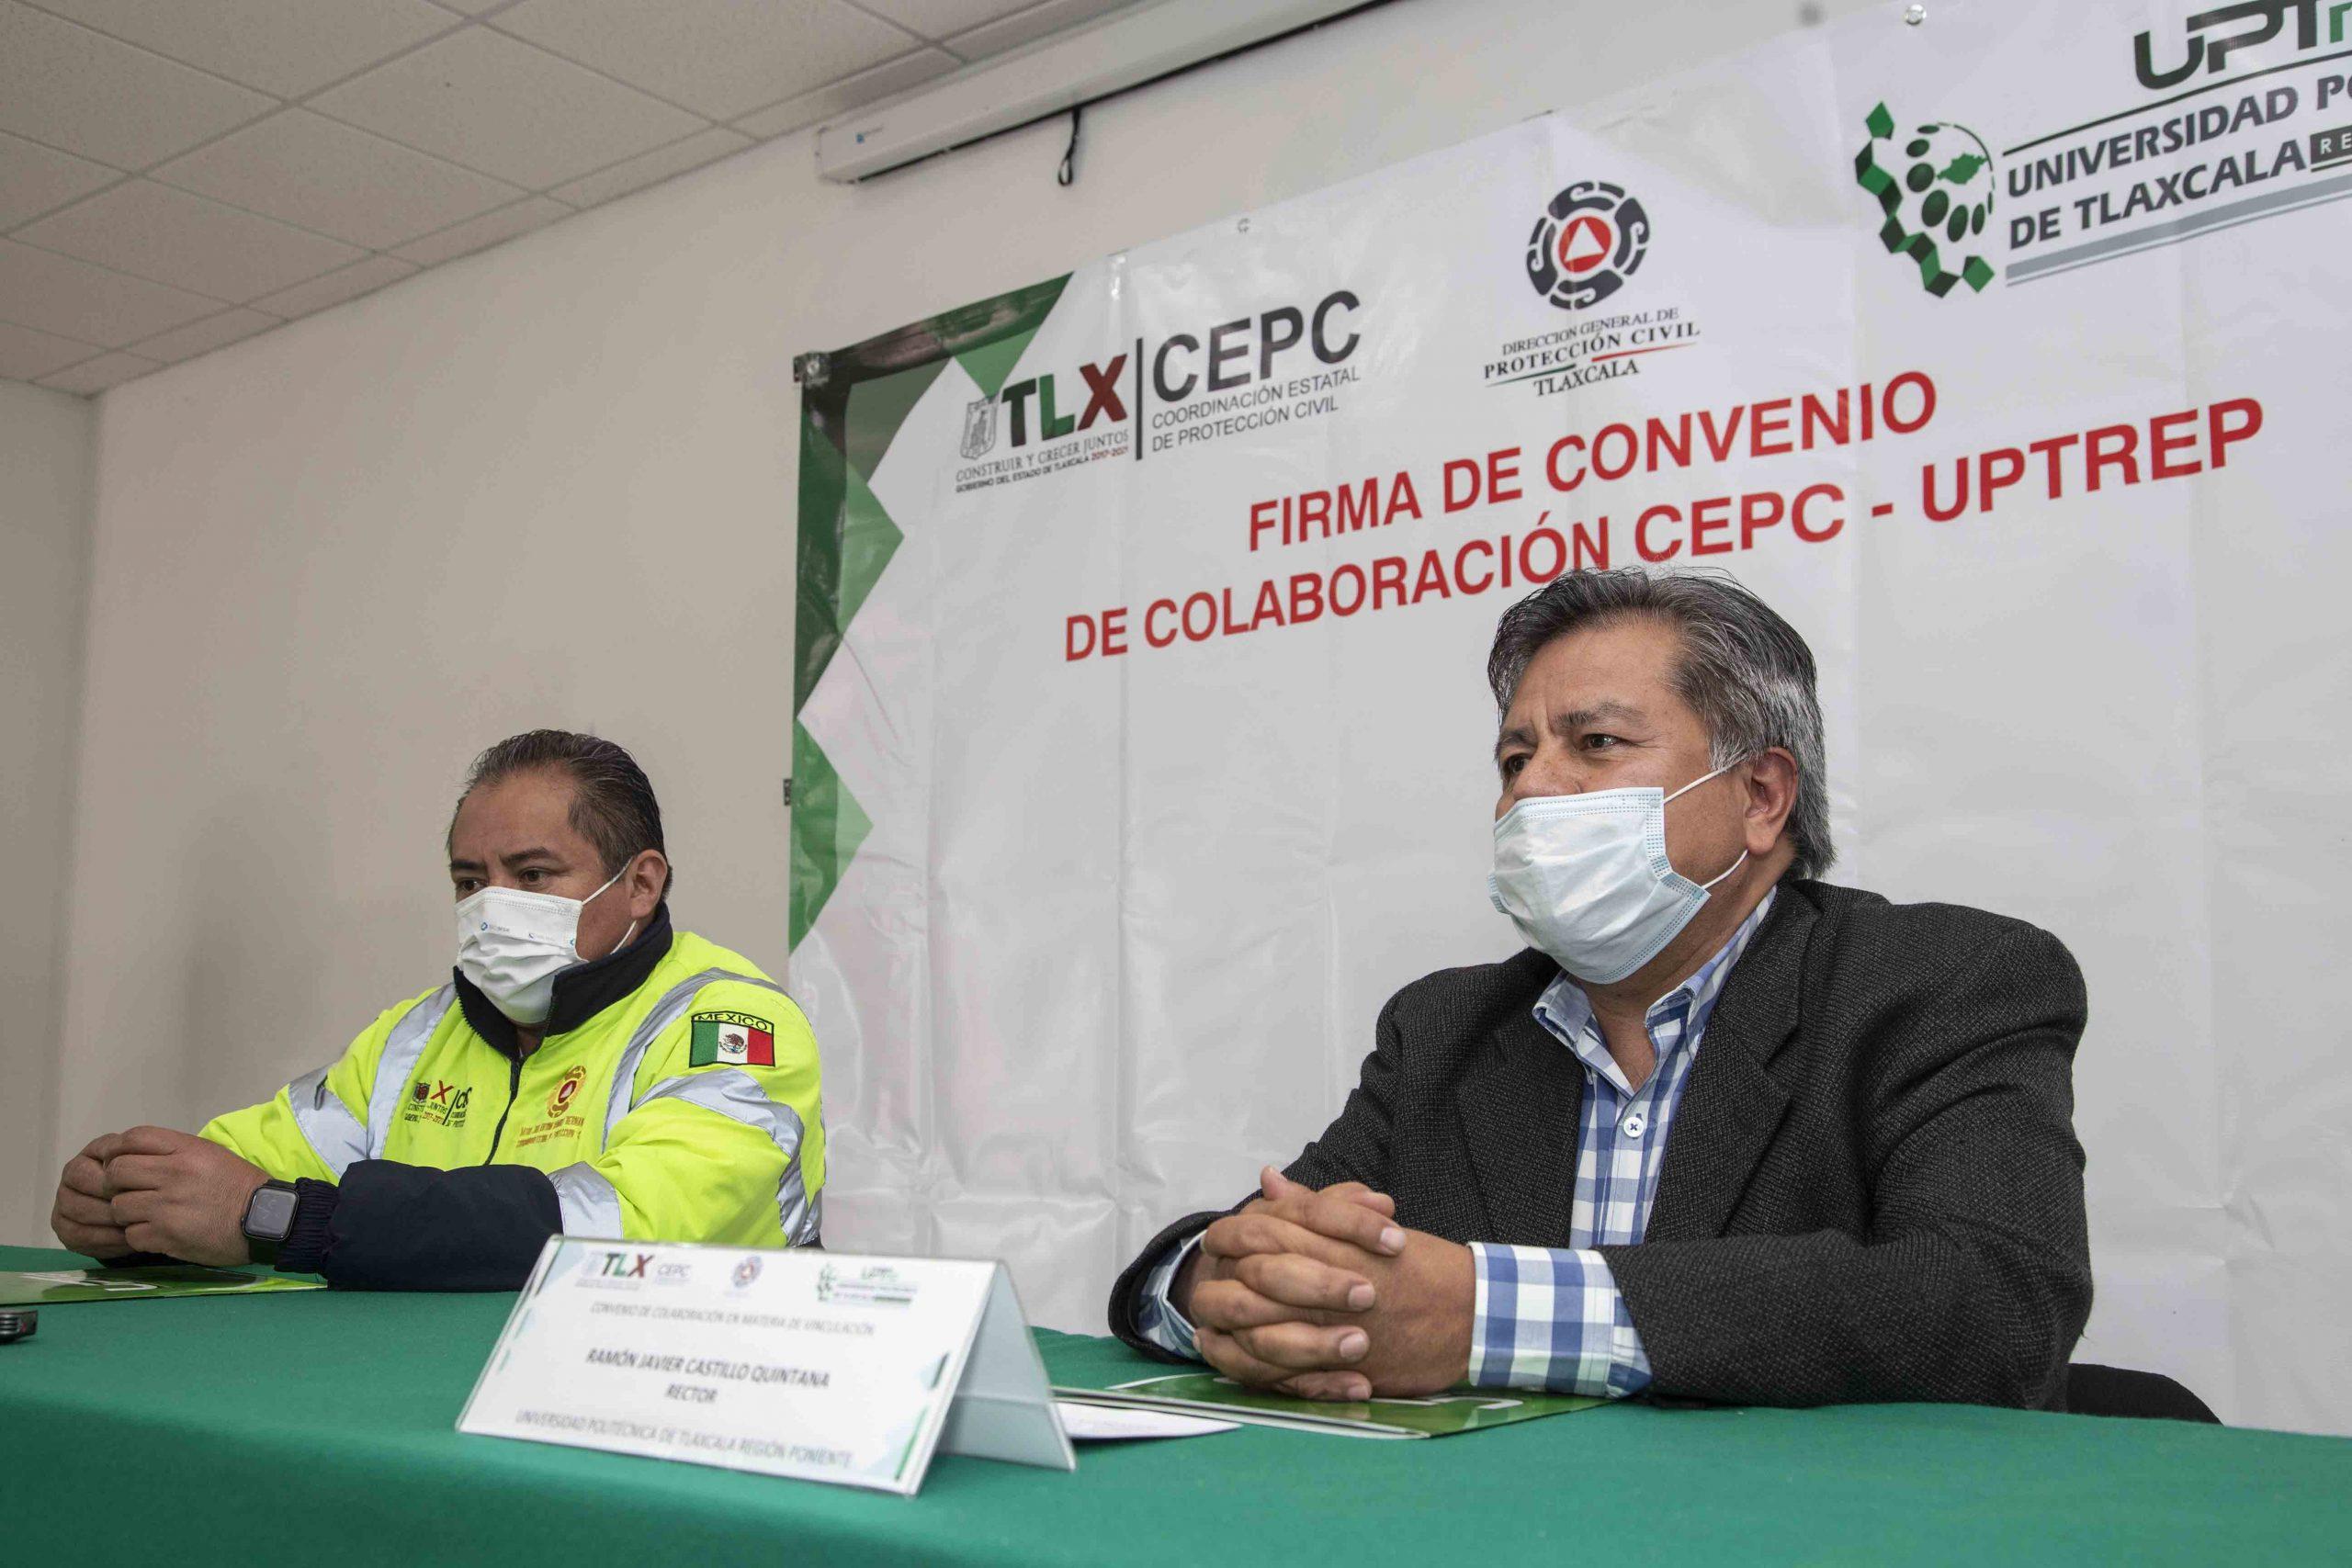 Signan CEPC y UPTREP convenio de colaboración de beneficios de estudiantes.